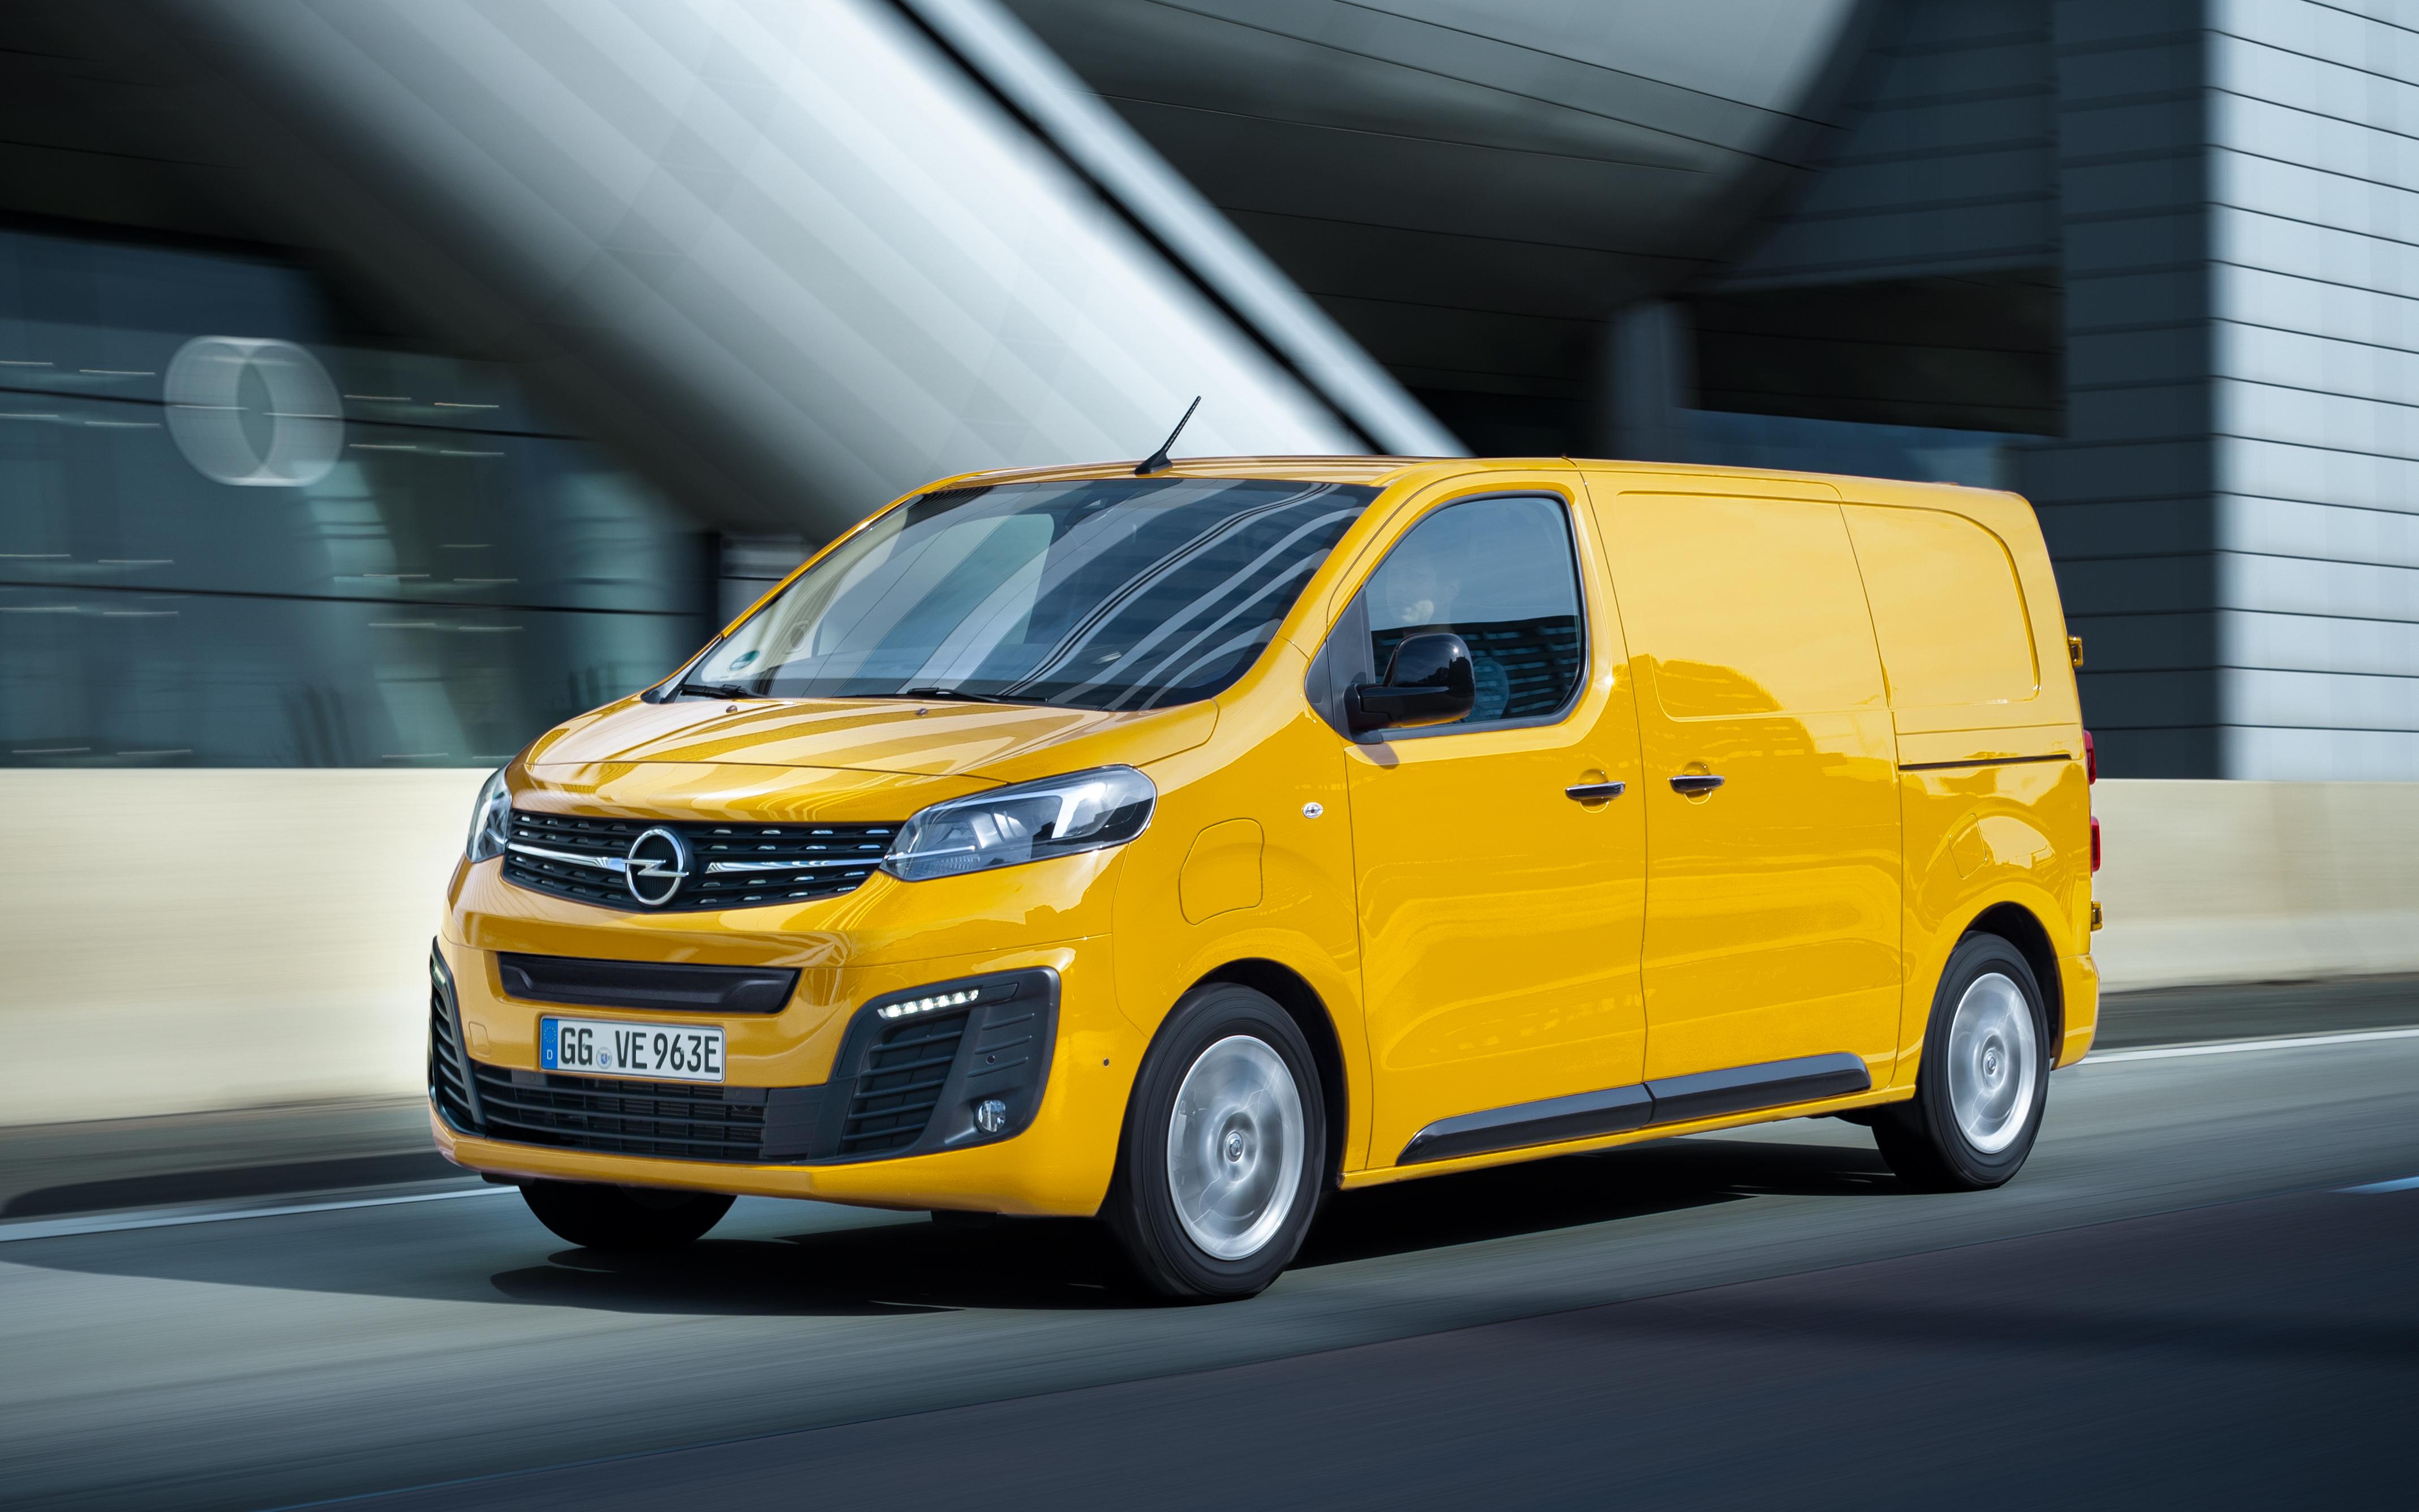 2021 Opel Vivaro Picture